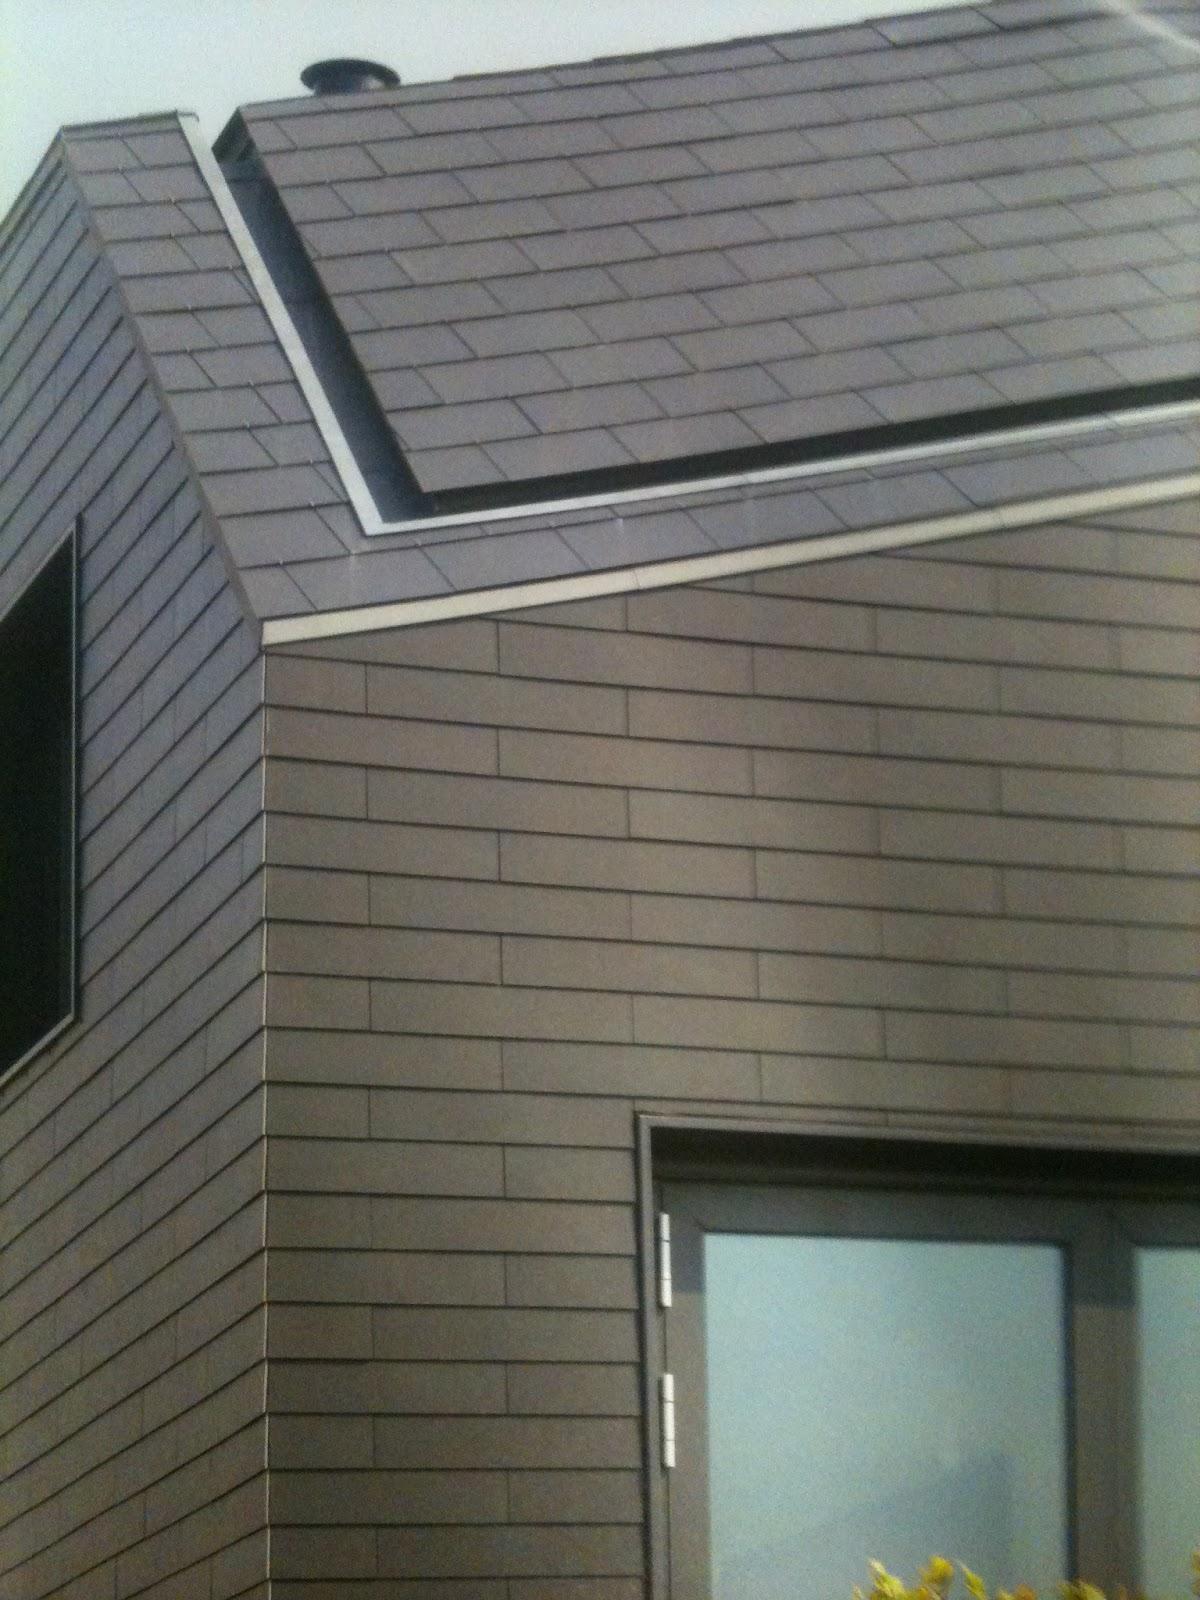 Quot Secret Quot Gutter Detail Improvise Architecture Perfection